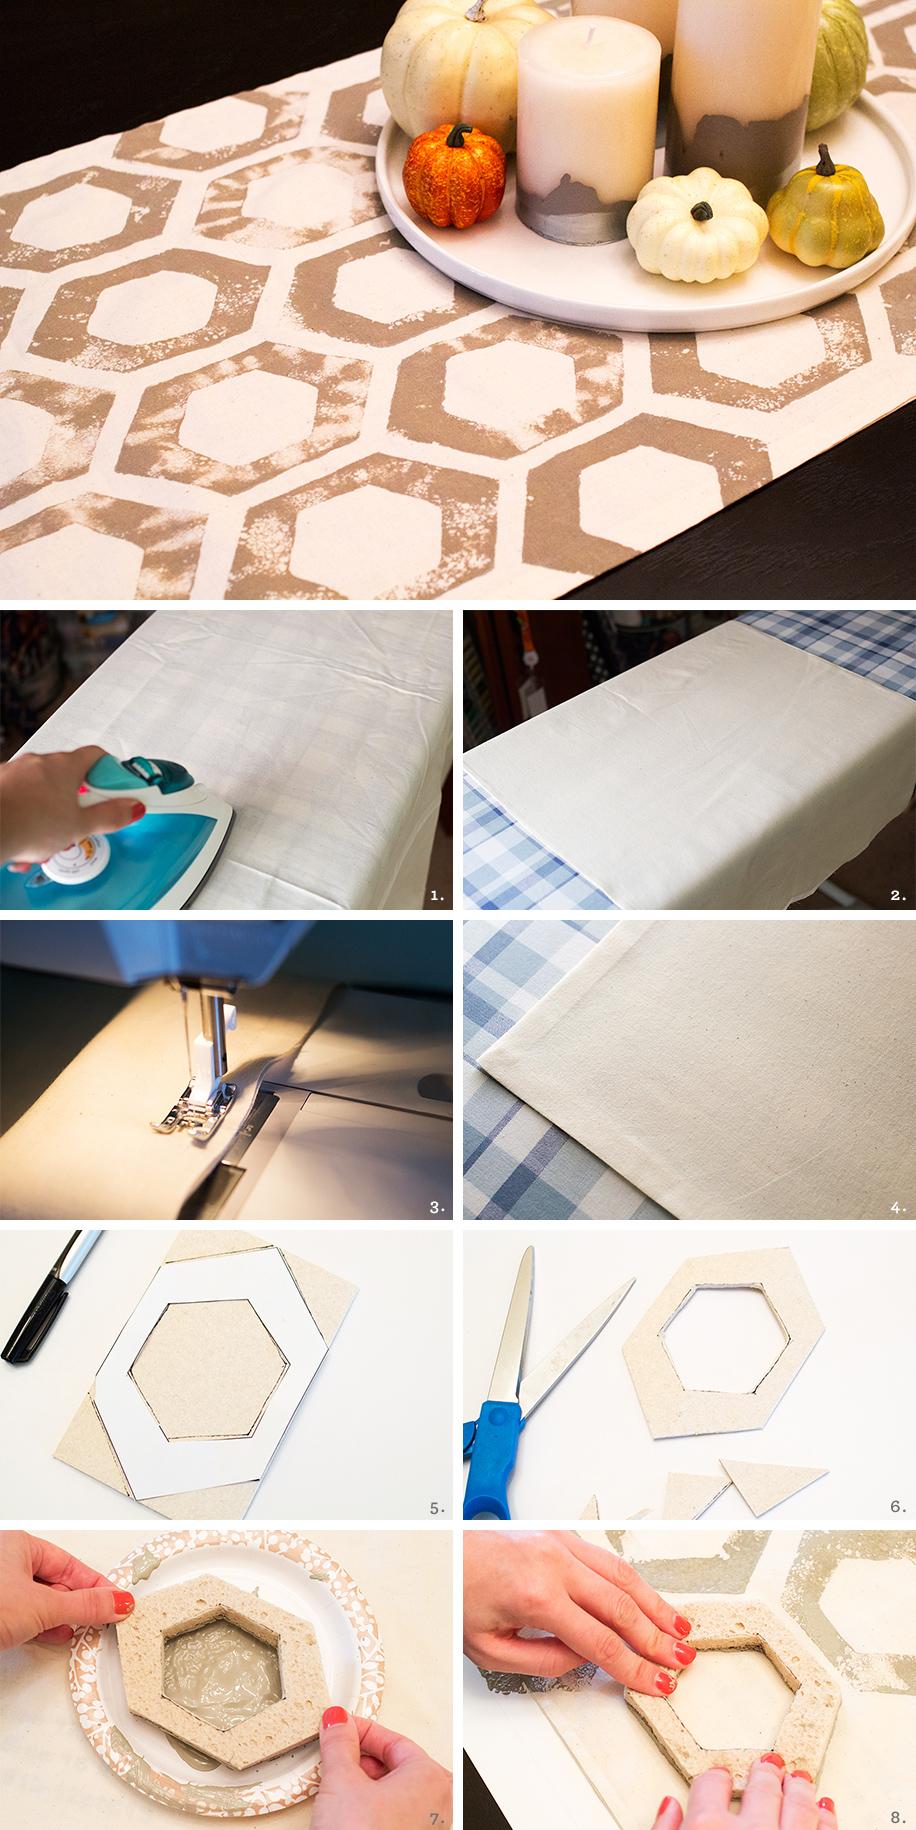 DIY Sponge Stamped Fall Table Runner | Sarah Hearts